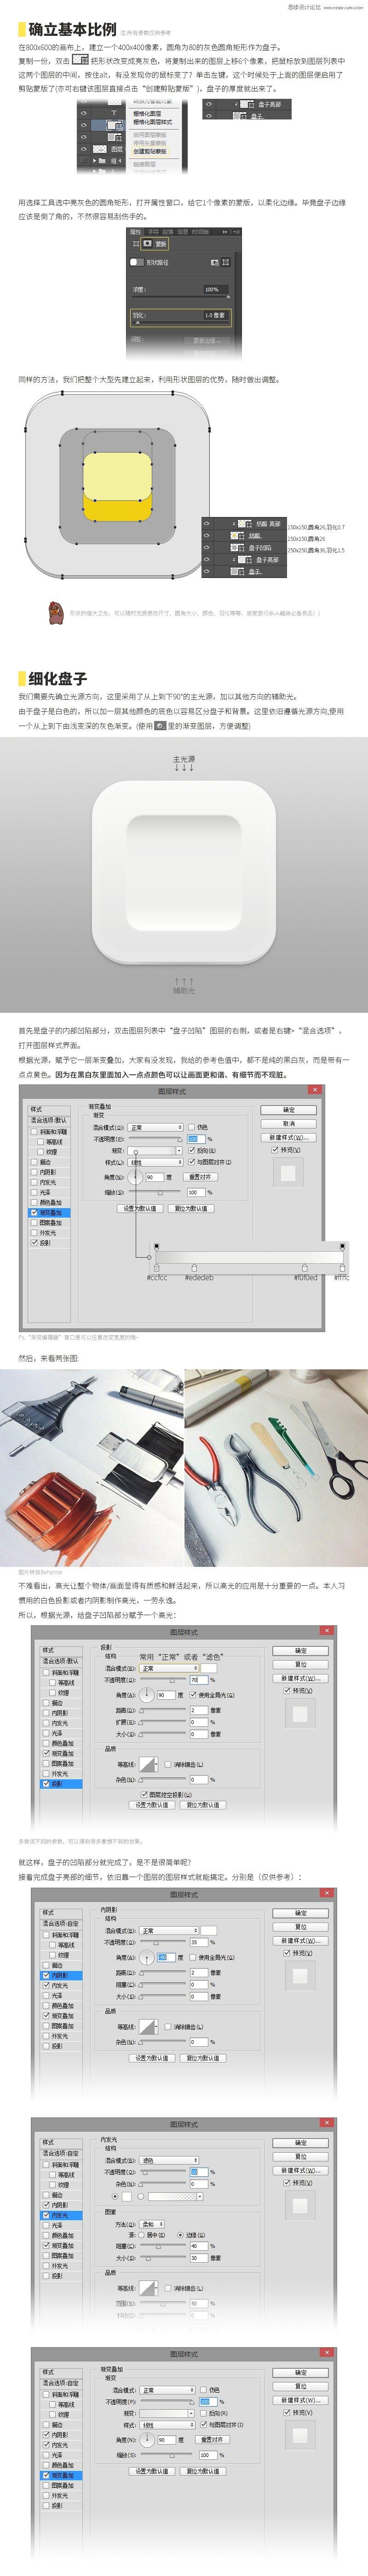 Photoshop設計奶酪和盤子組成的APP軟件圖標